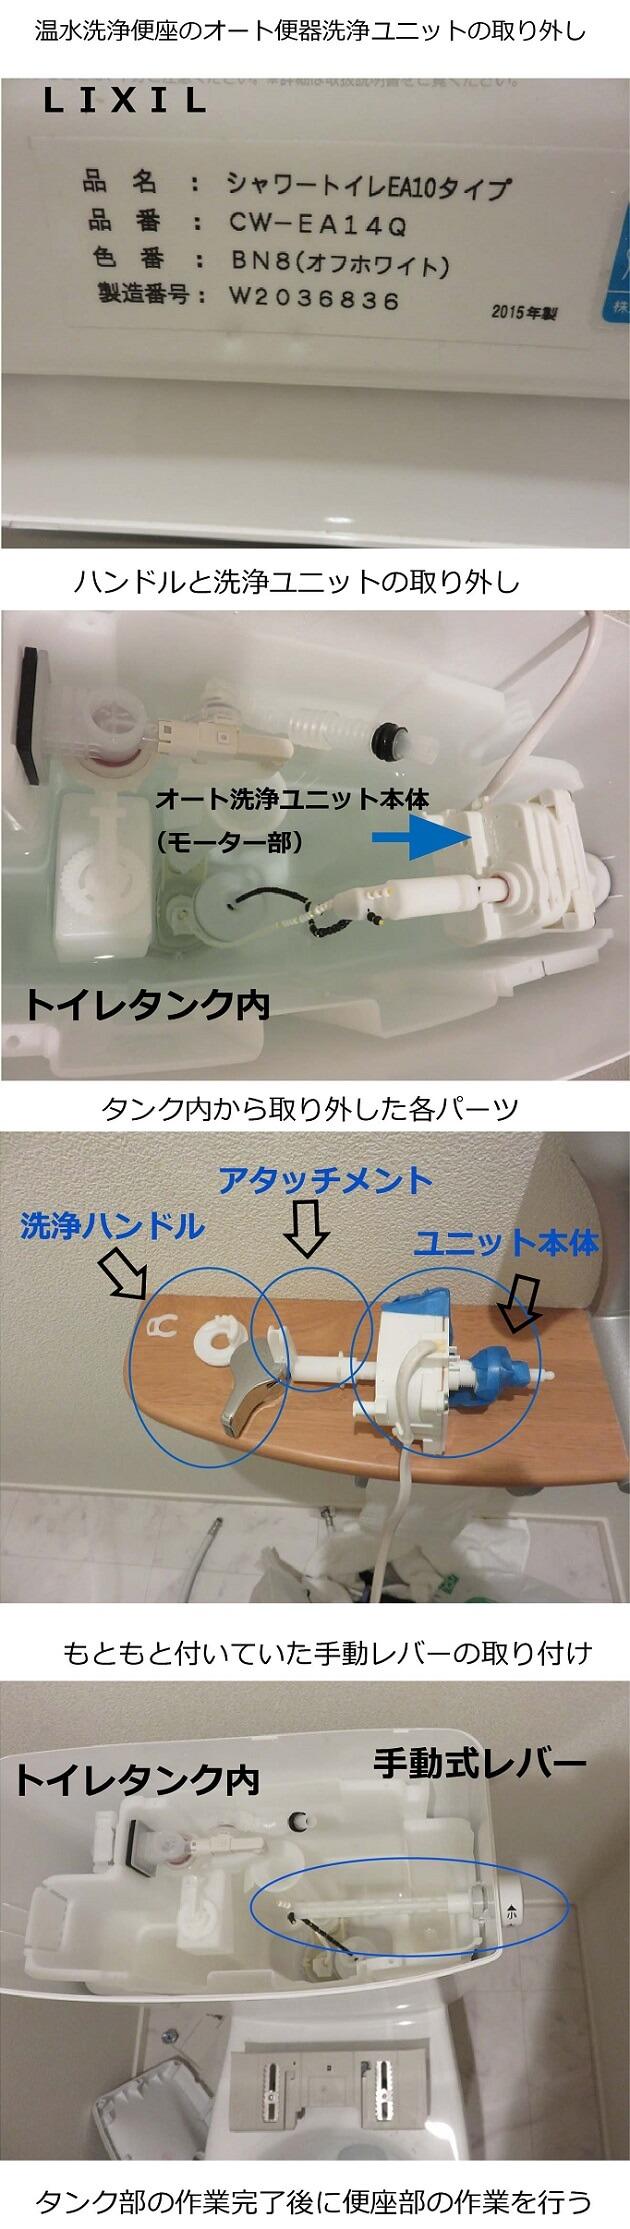 オート洗浄ユニット取り外し手順